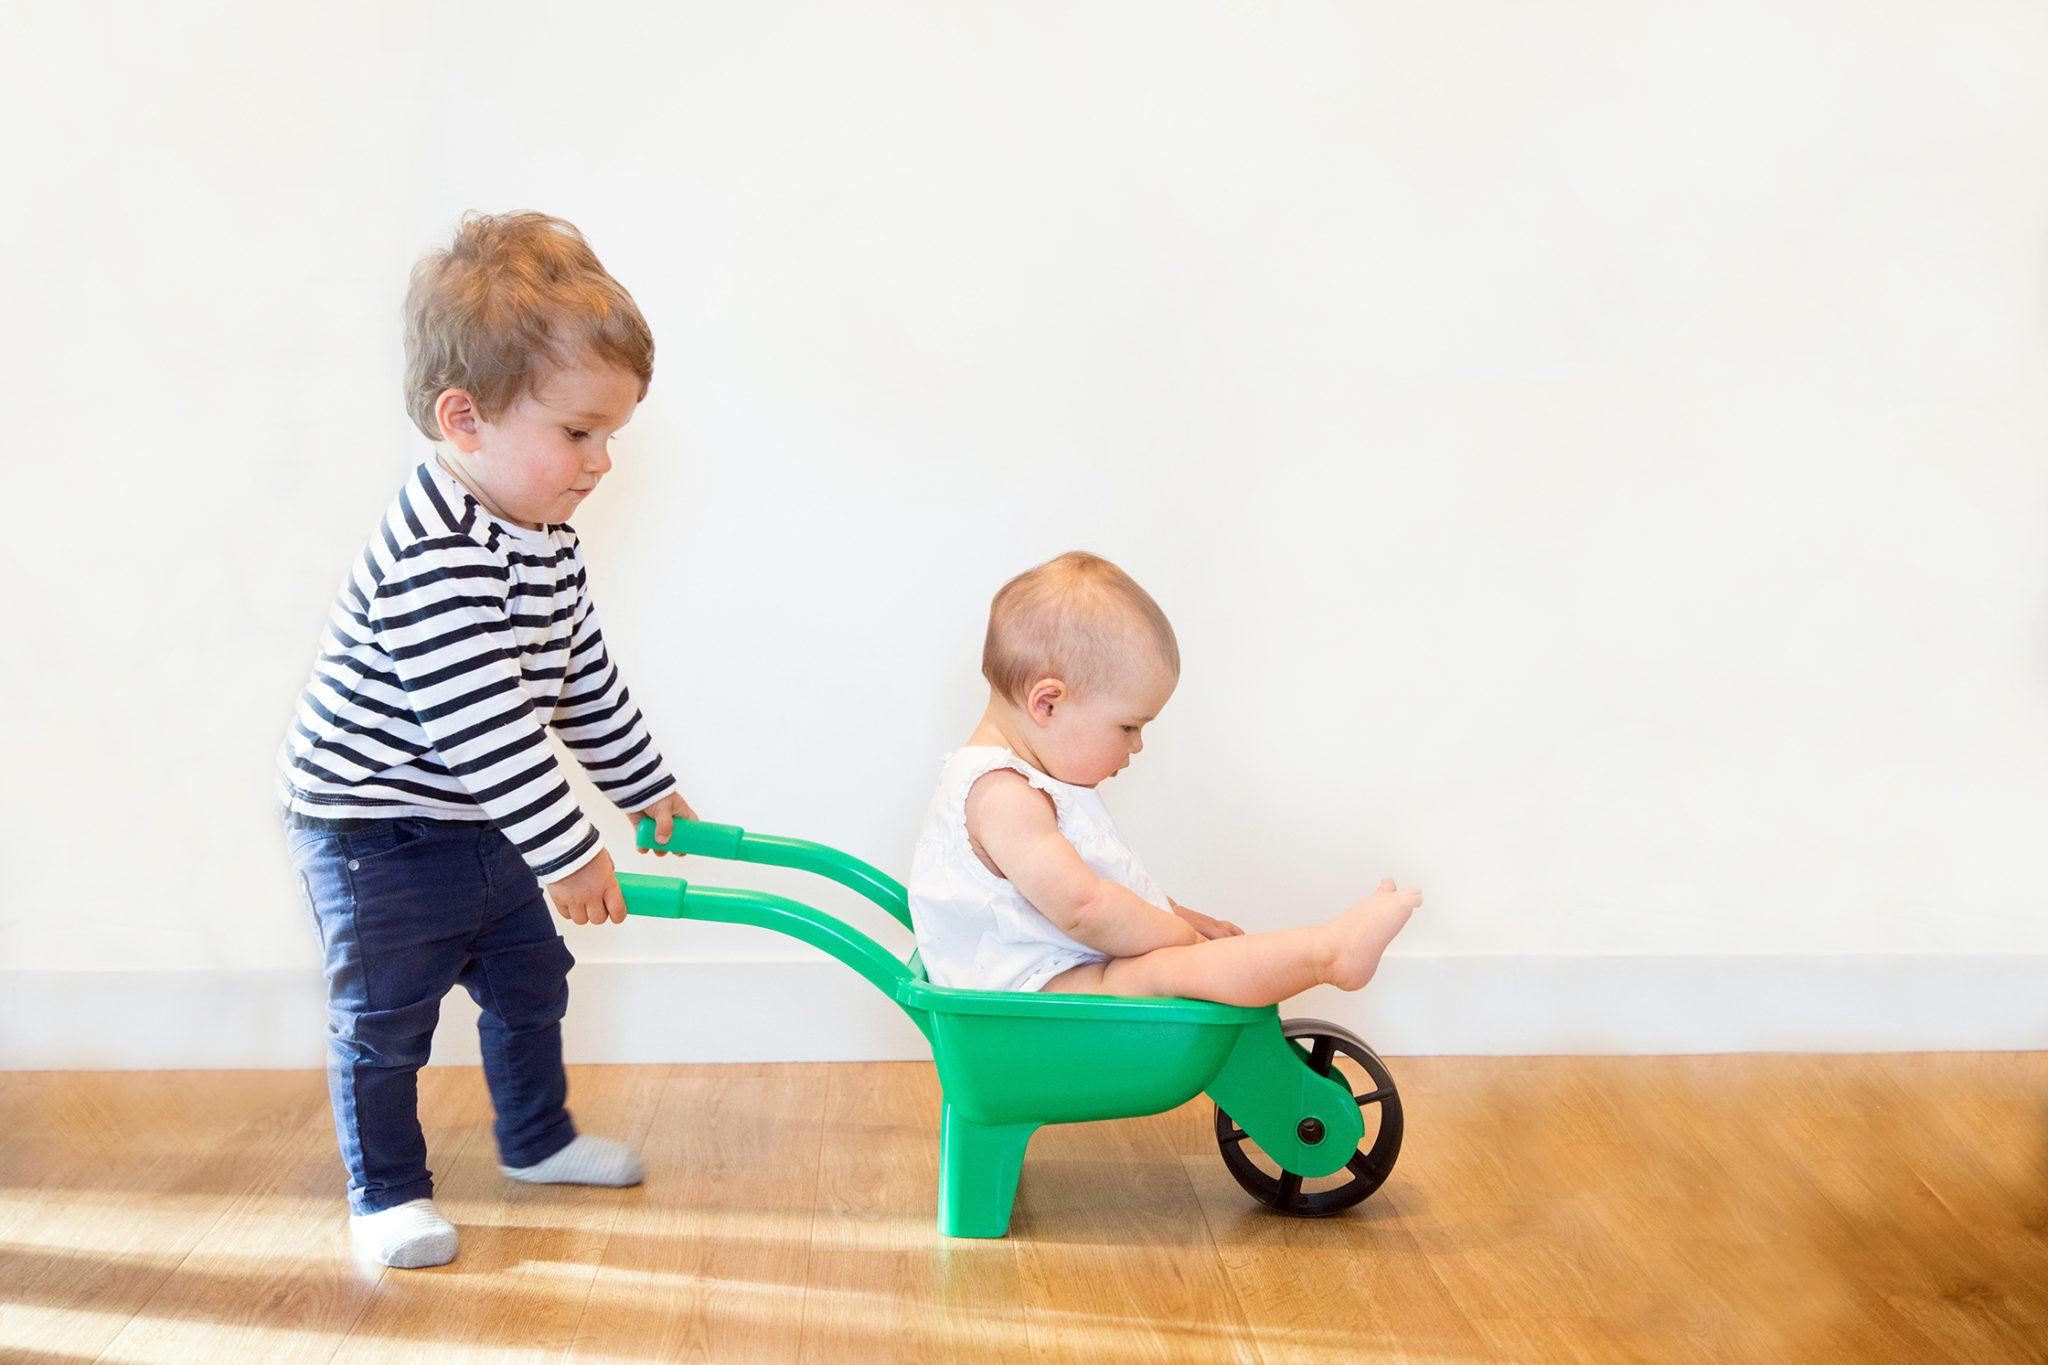 Top 5 Des Jeux D'éveil Pour Un Bébé De 6 Mois - Mademoiselle serapportantà Jeux Voiture Bebe